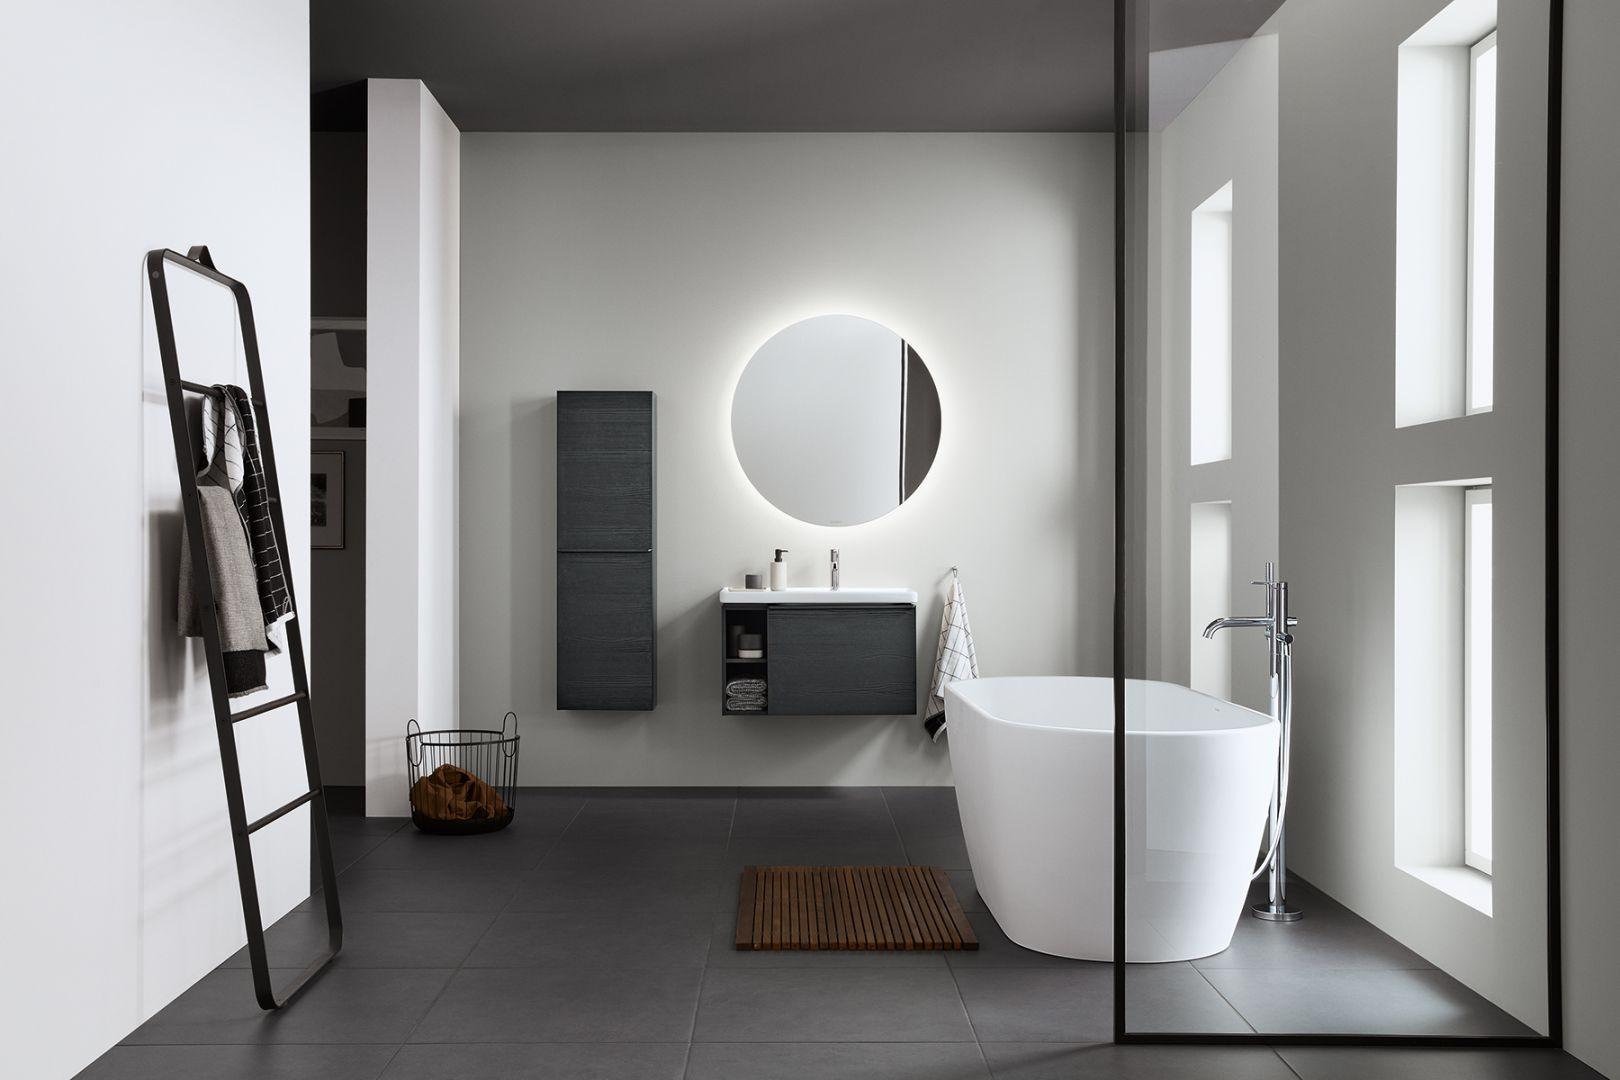 D-Neo to nowa kompletna seria do wyposażenia łazienki, także niewielkiej. Projektant: Bertrand Lejoly. Producent: Duravit. Nowość 2021